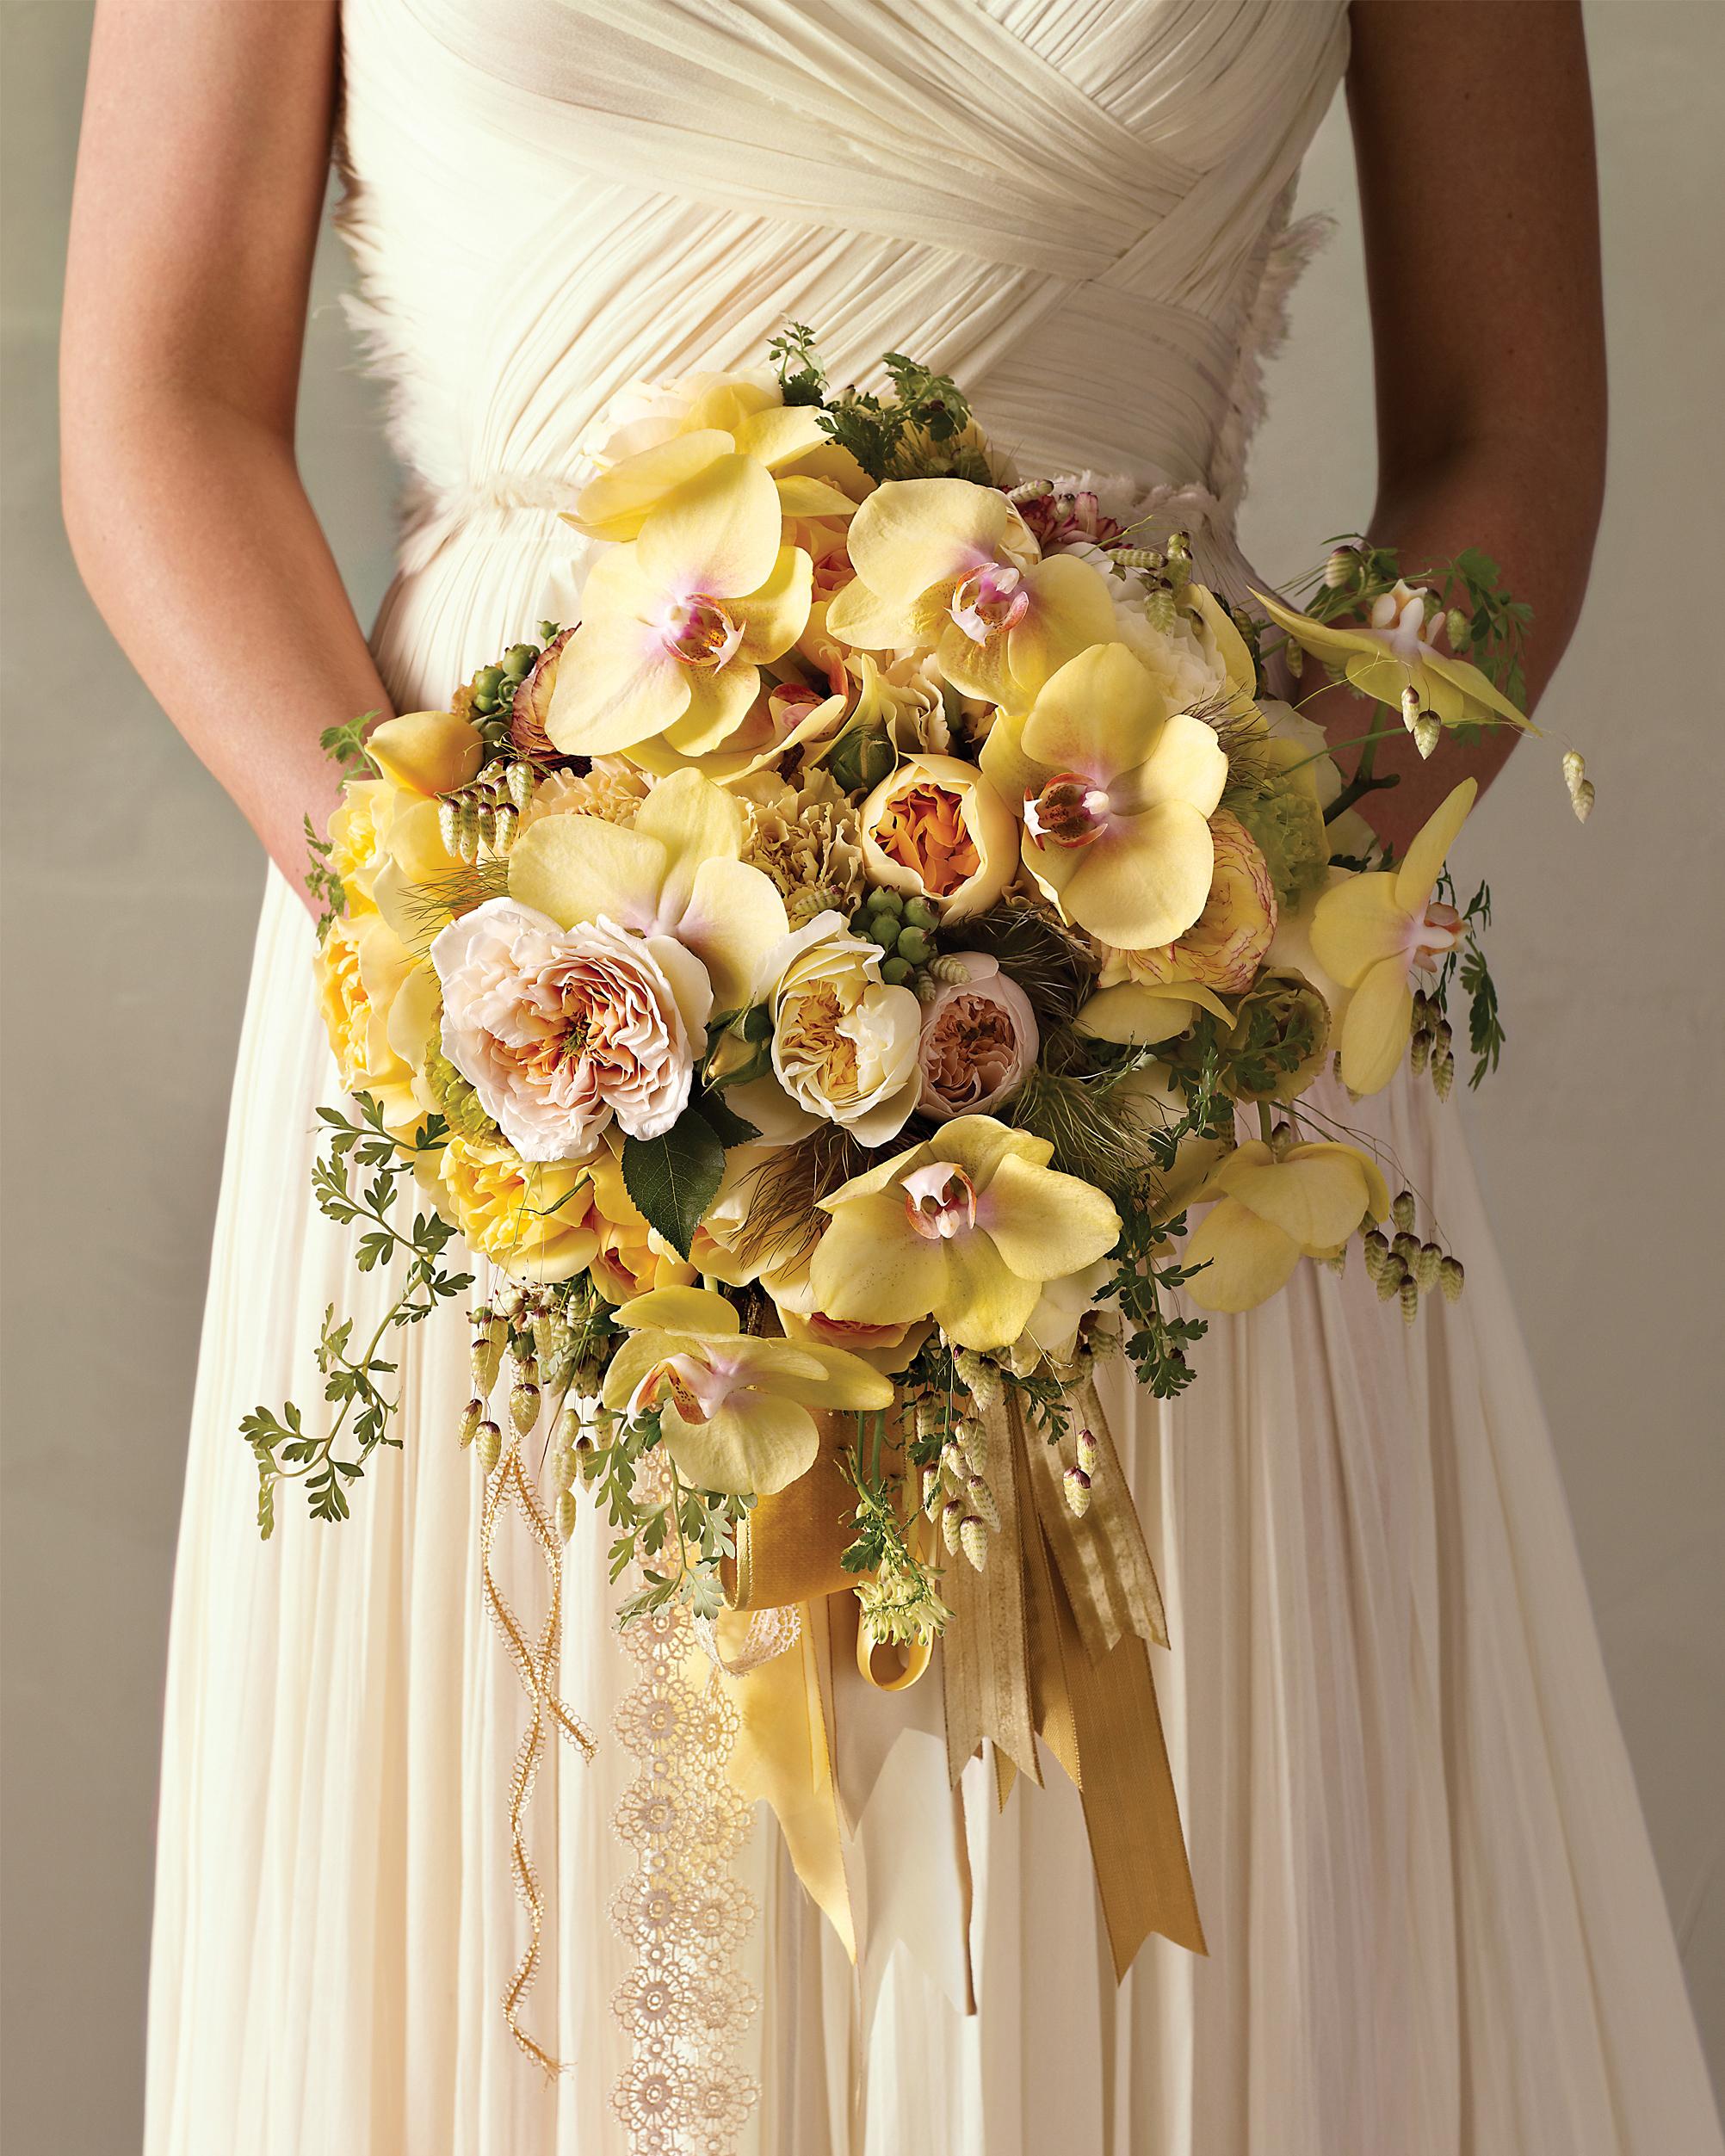 bridal-bouquet-0811mwd107479.jpg